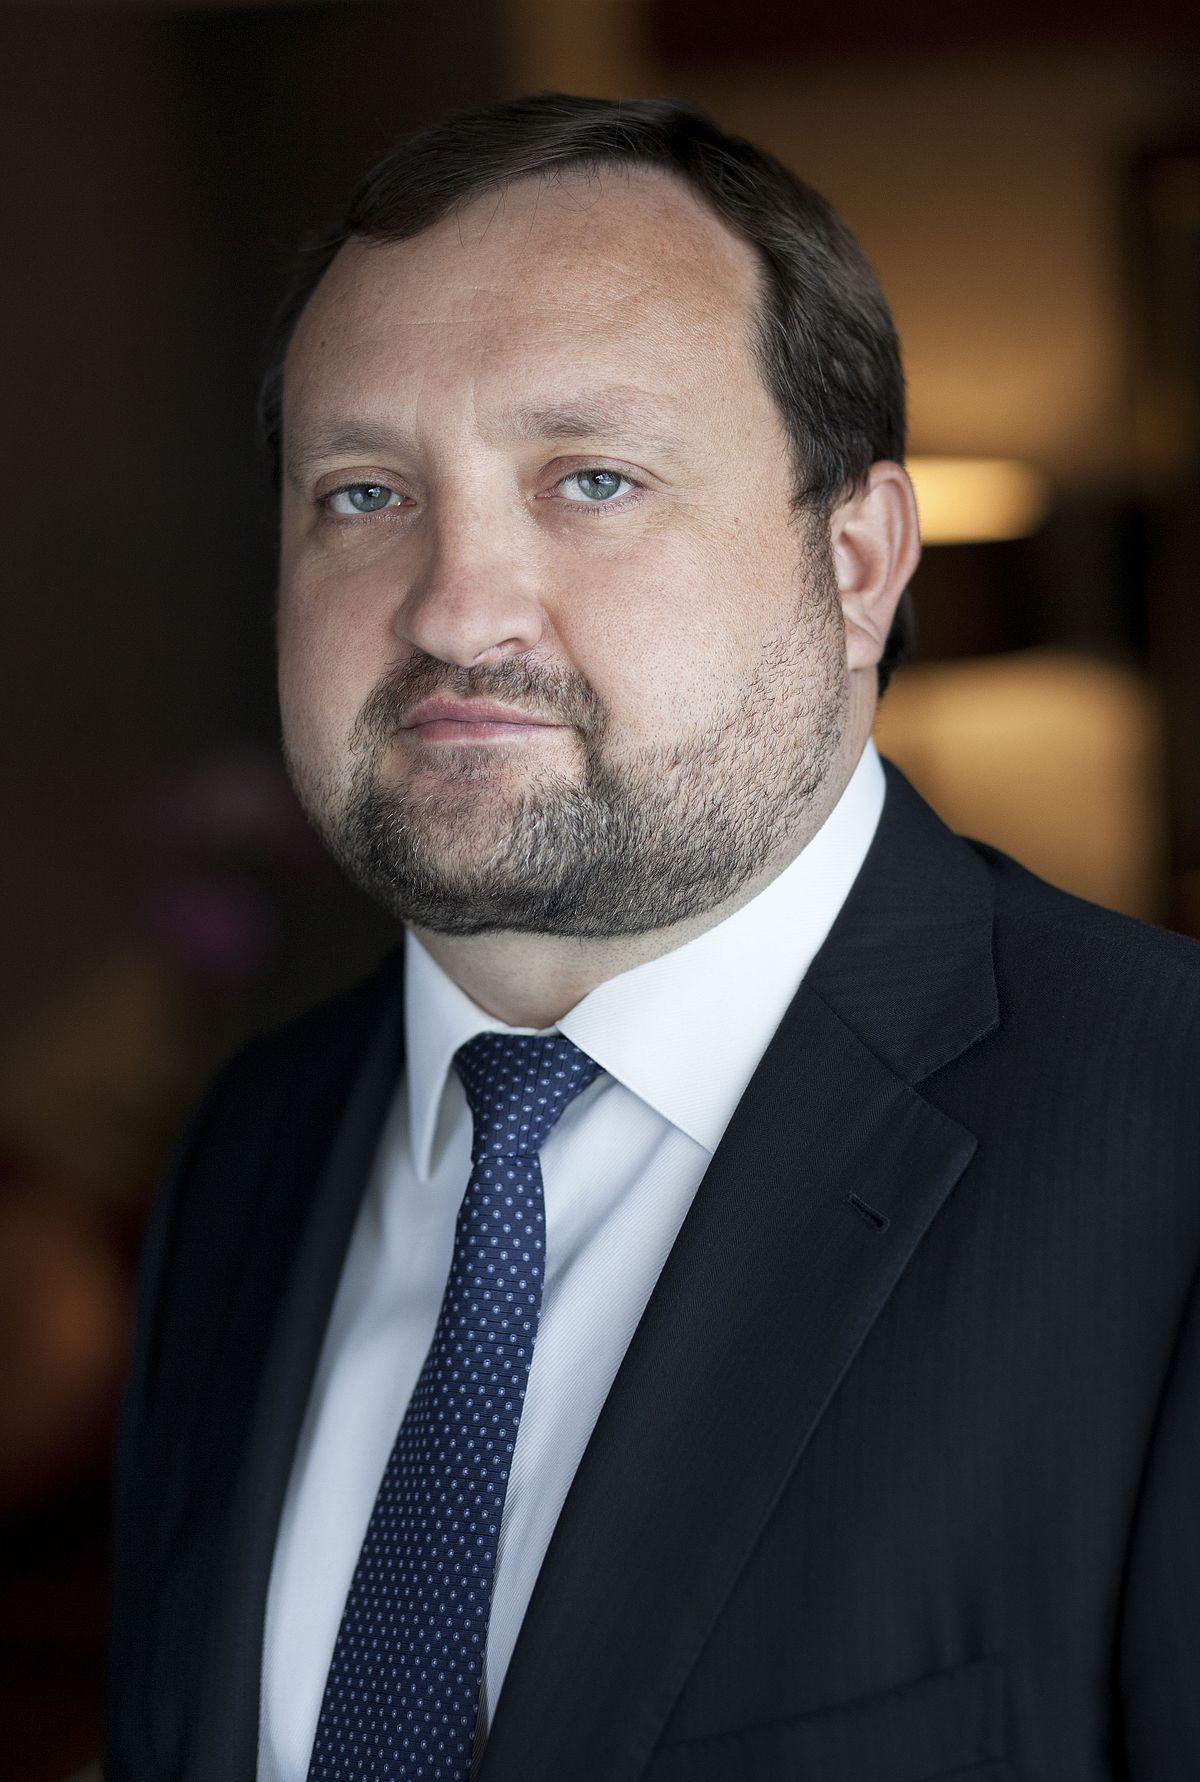 Арбузов, Сергей Геннадьевич — Википедия